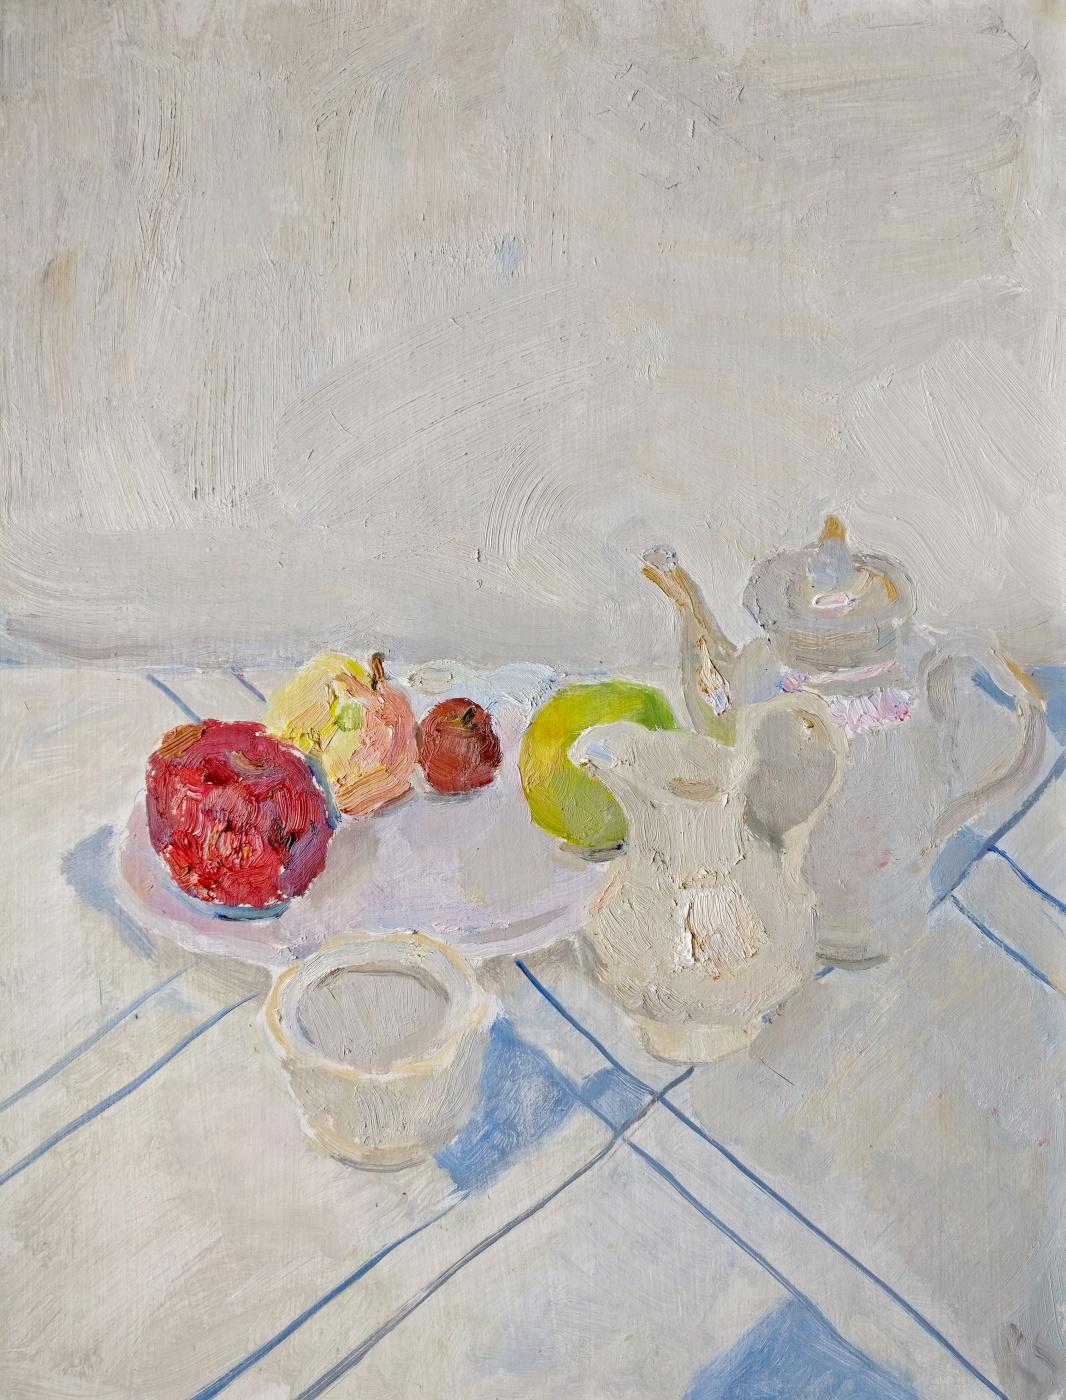 Samir Rakhmanov. White Still Life with Apples